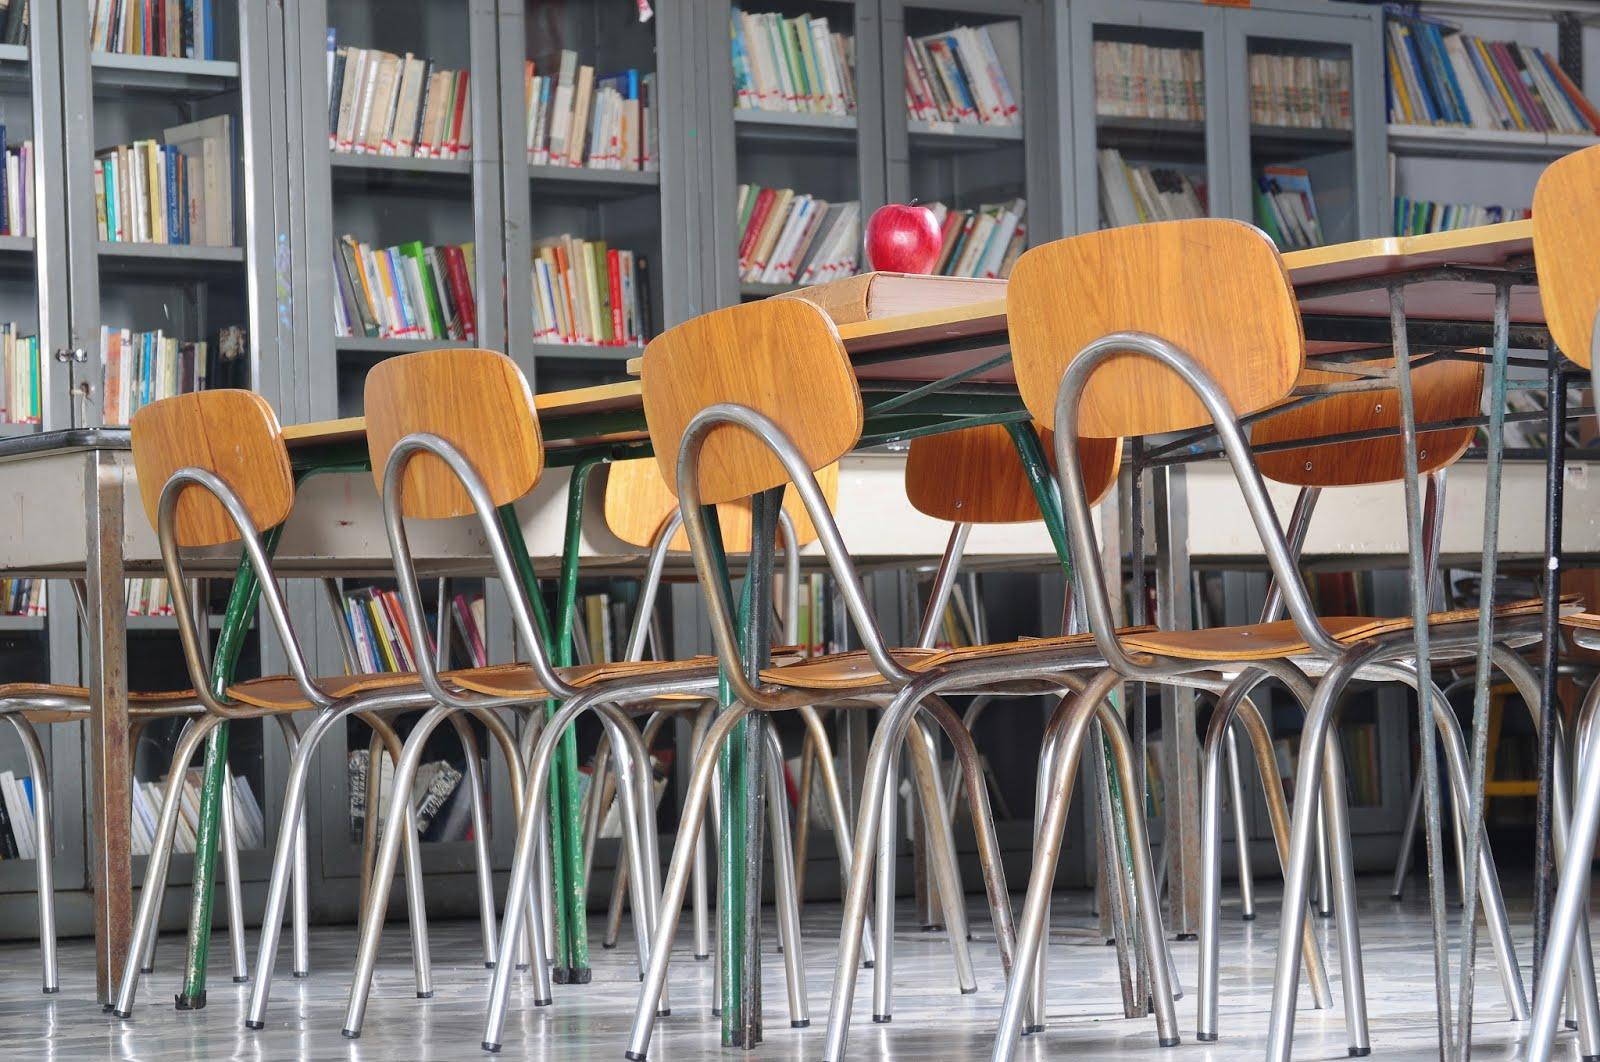 Αποτέλεσμα εικόνας για τέλος Μαρτίου θα ανακοινωθεί ο αριθμός των εισακτέων στην Τριτοβάθμια Εκπαίδευση για το ακαδημαϊκό έτος 2018-2019 - Σημαντικές παρατηρήσεις